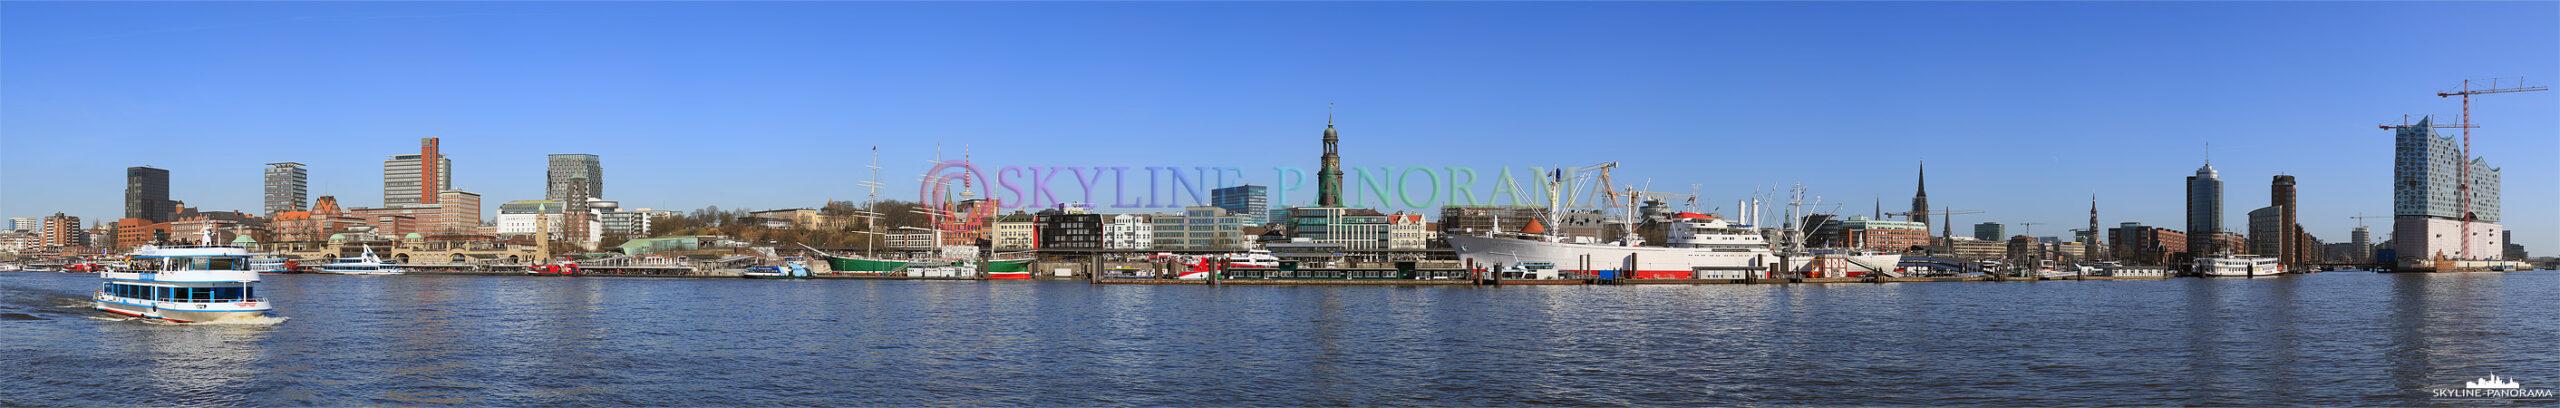 Bilder aus Hamburg - Die Hamburger Skyline mit den Landungsbrücken, dem Michel, der Speicherstadt und der Hafencity vom Elbufer aus gesehen.